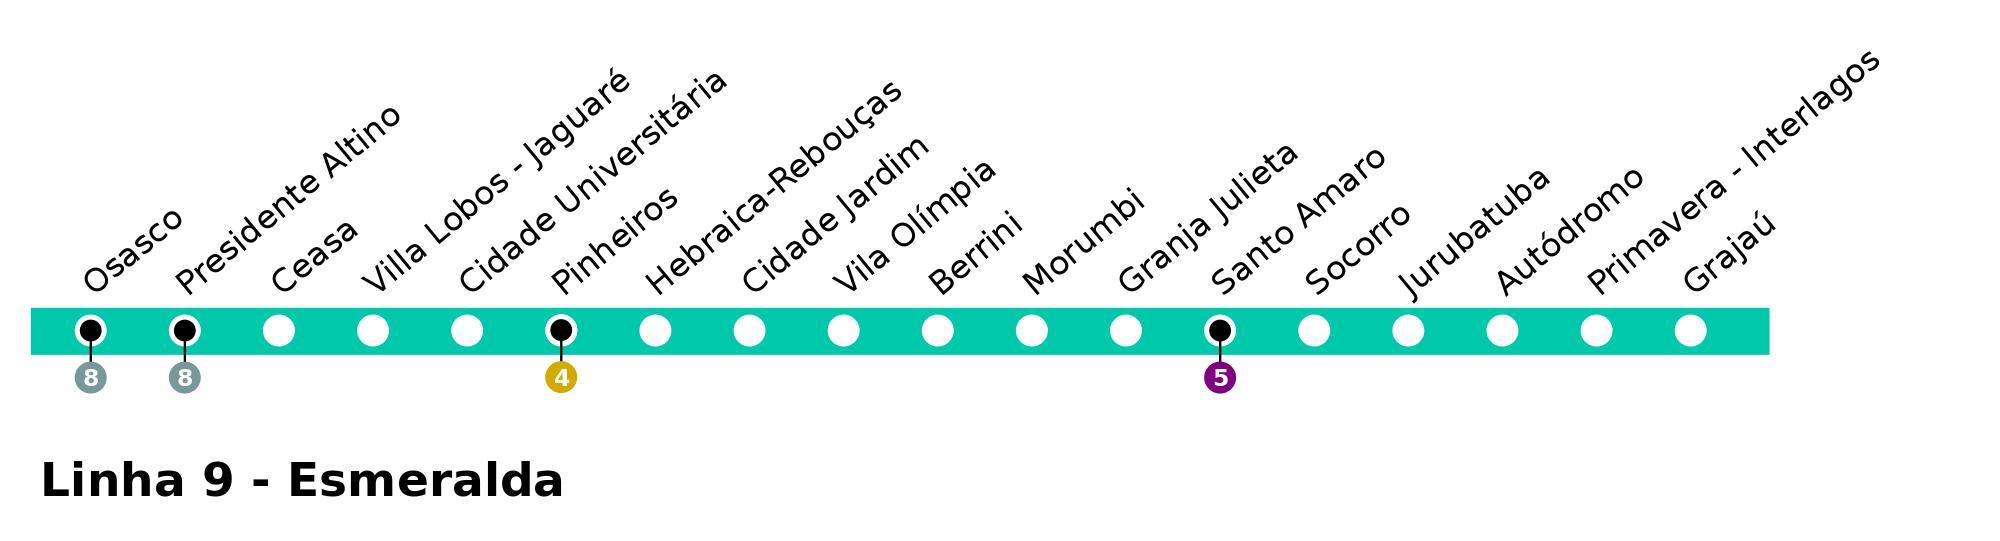 linha 9 esmeralda da cptm